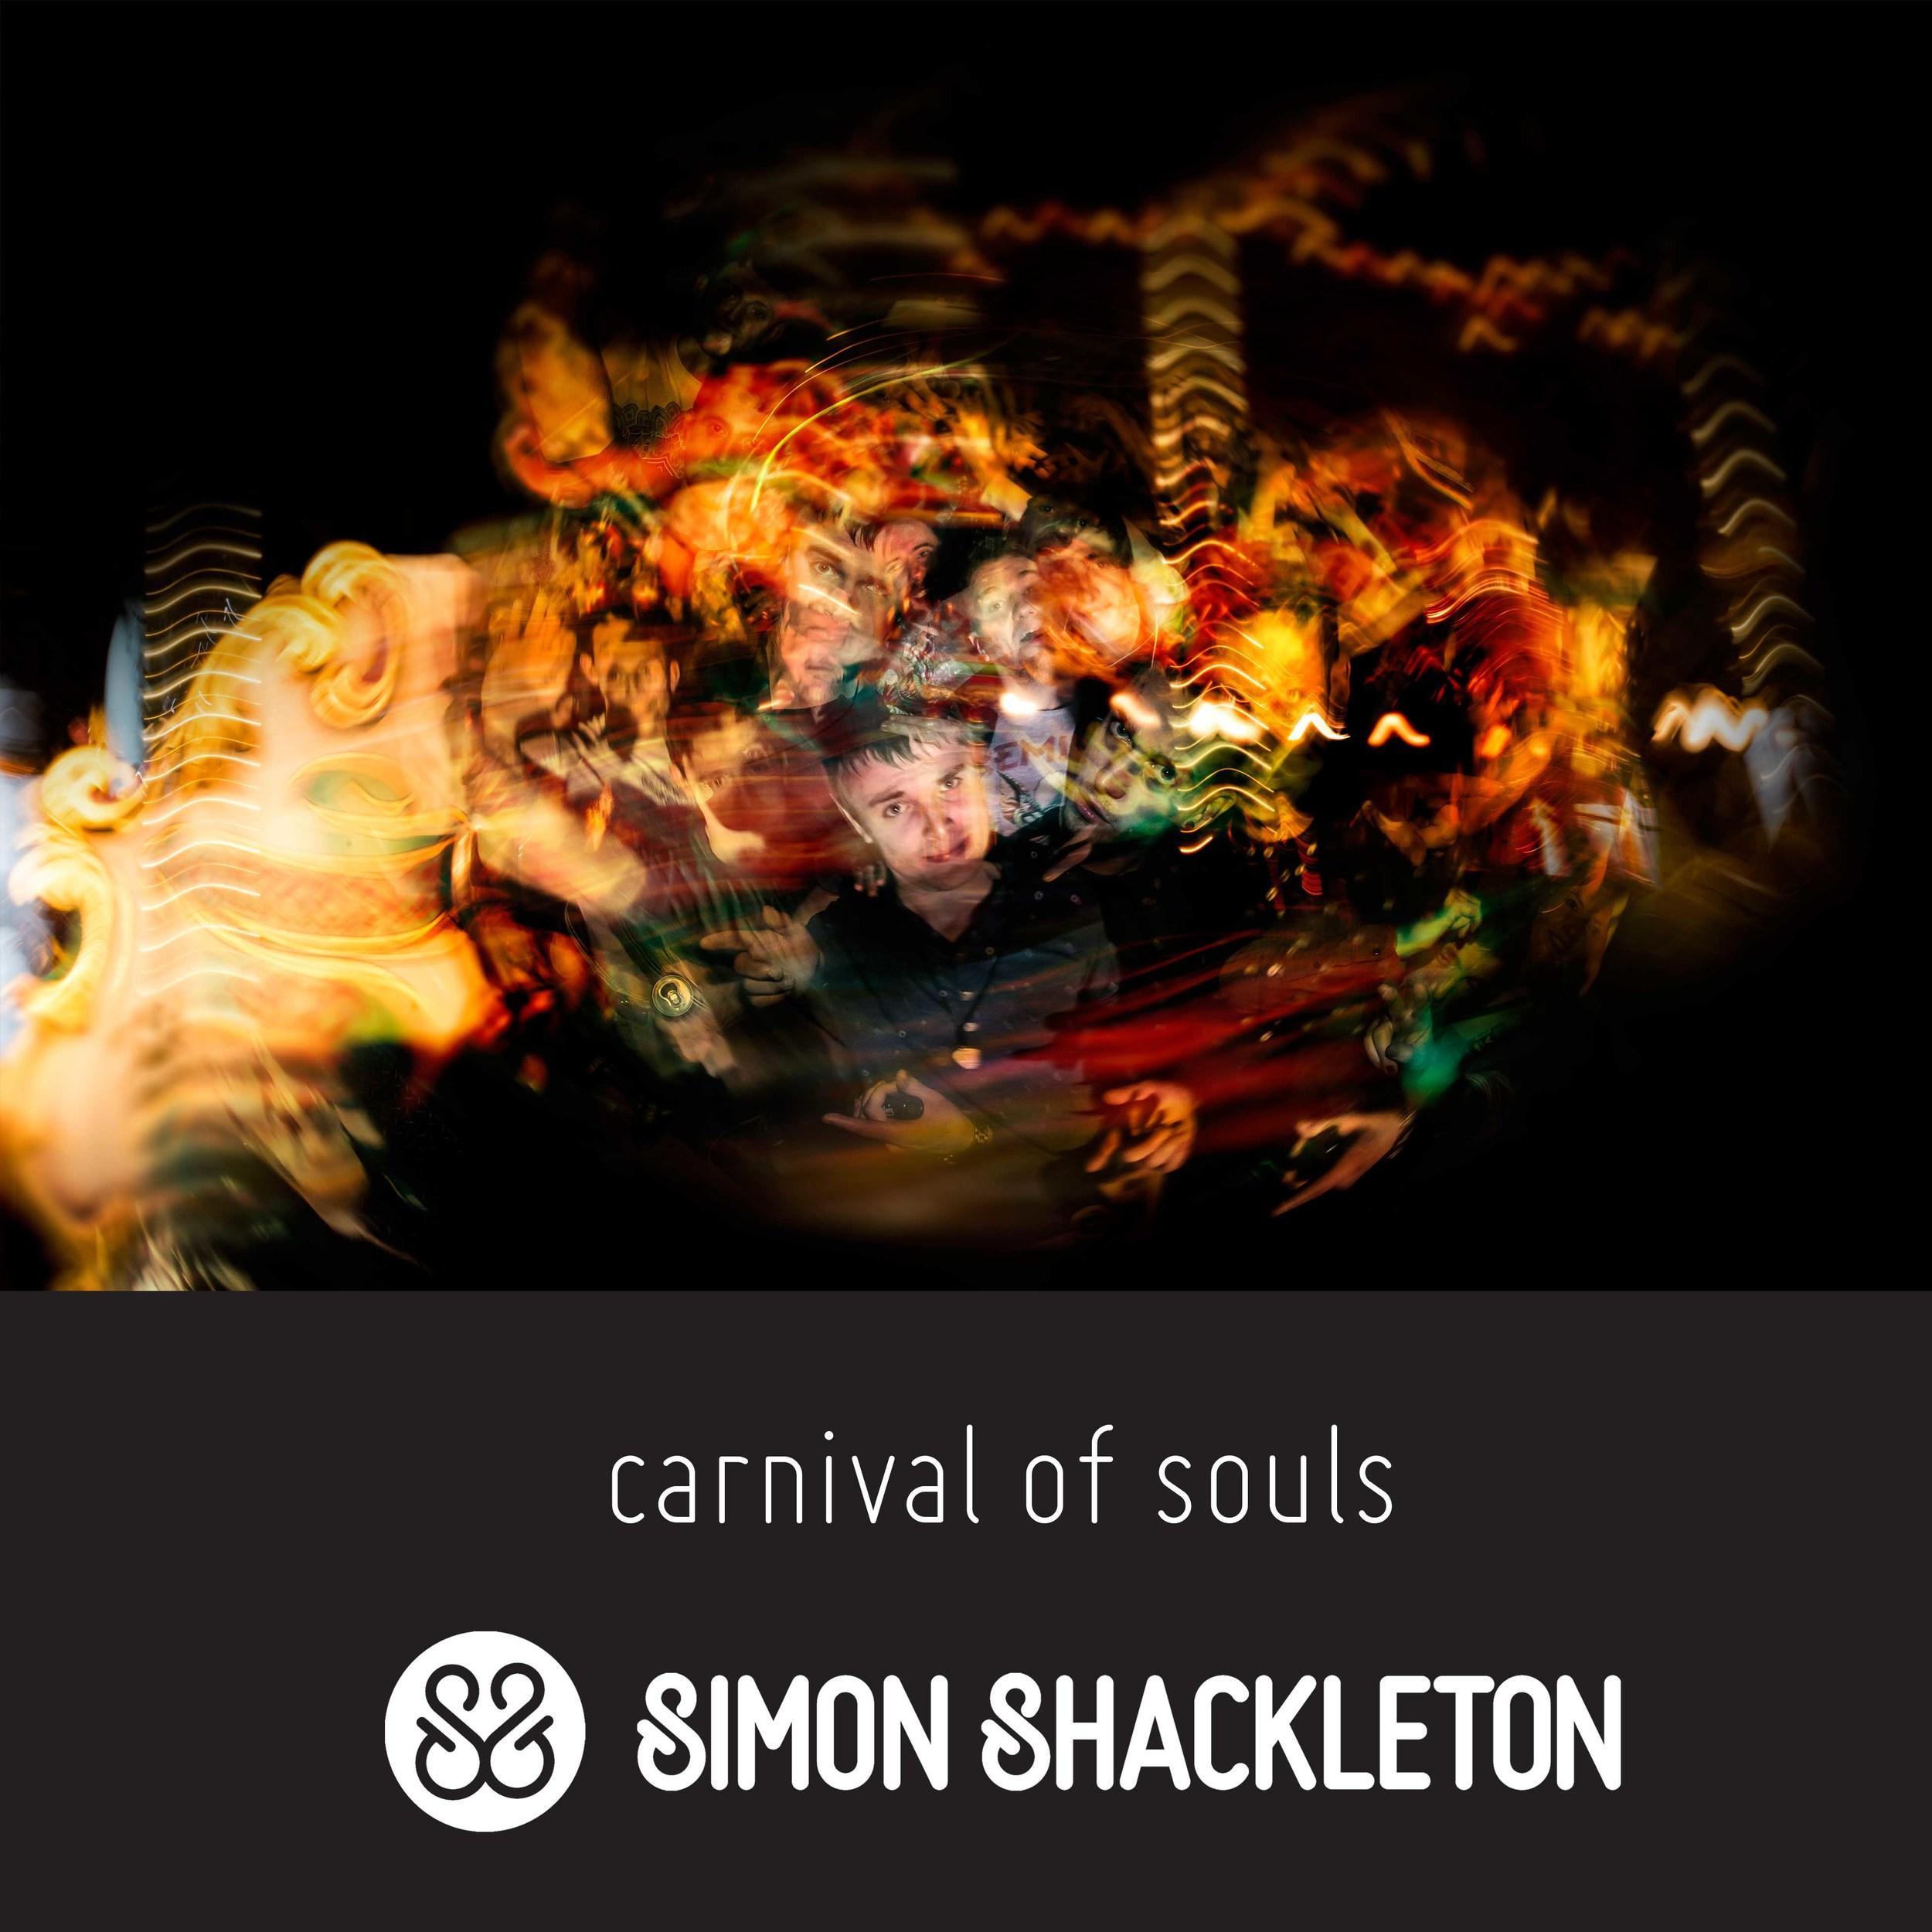 carnival_of_souls